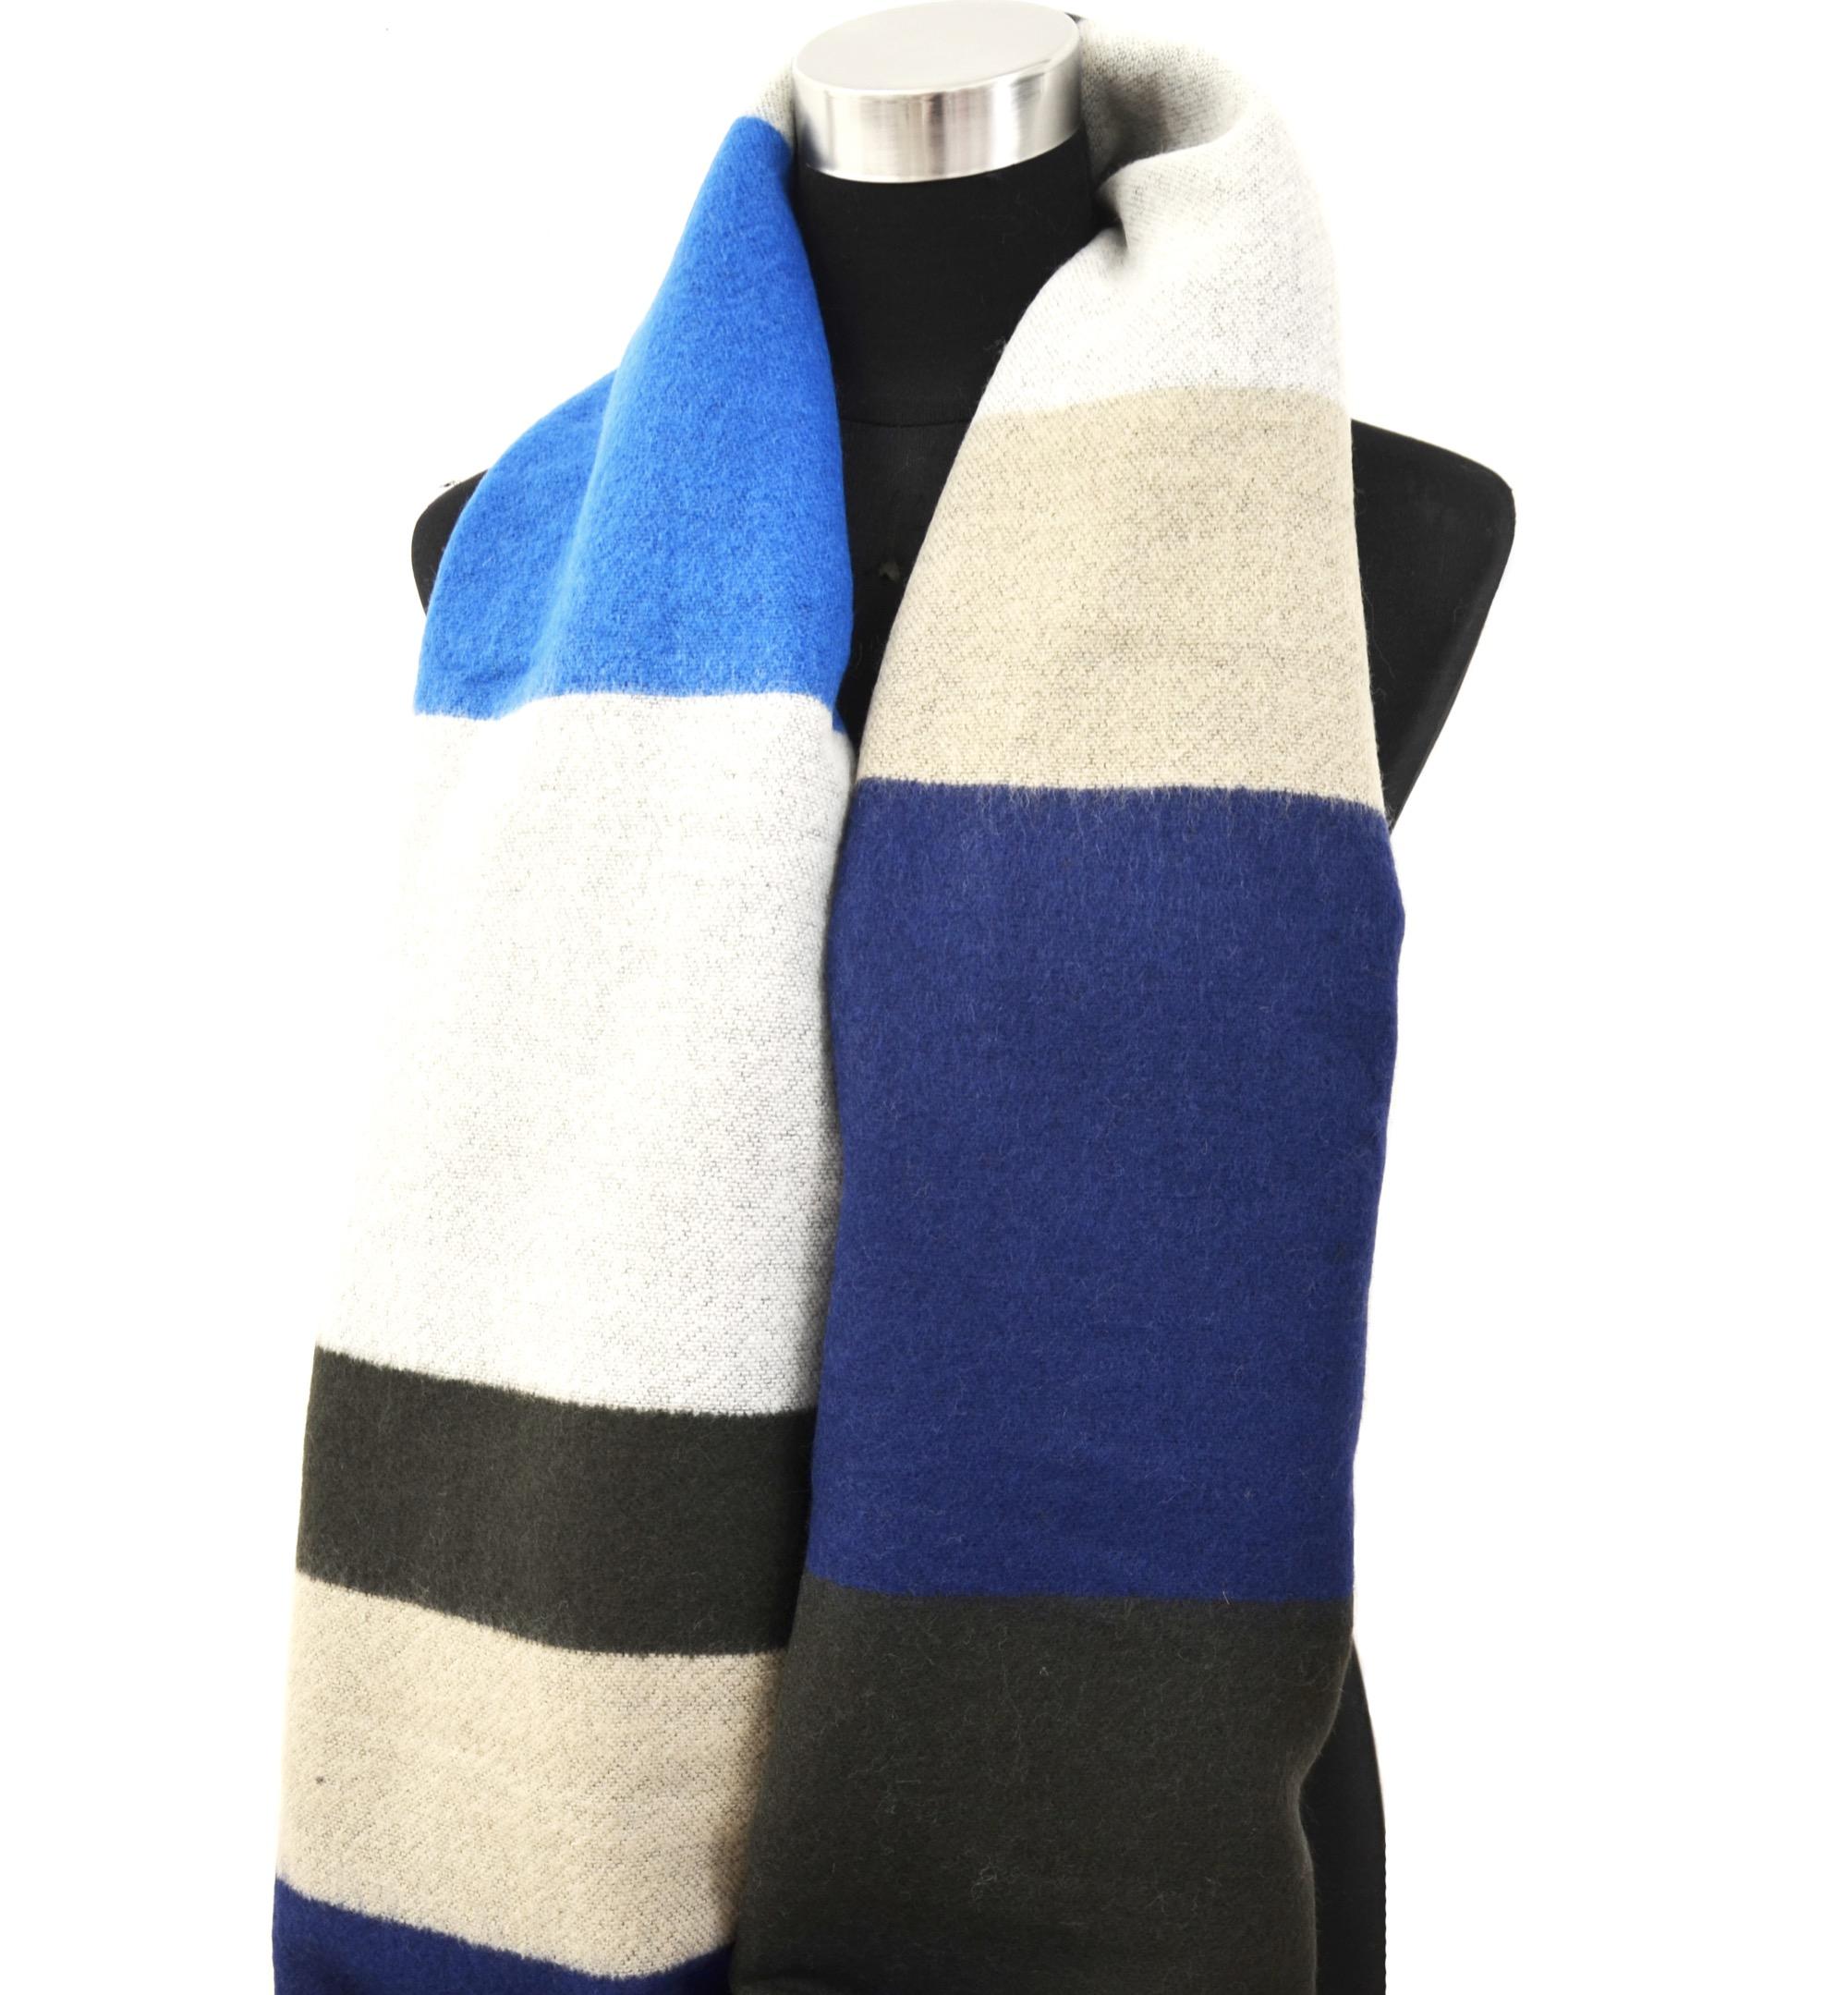 psv125 grosse echarpe longue automne hiver style plaid avec bandes couleurs et franges bleu. Black Bedroom Furniture Sets. Home Design Ideas